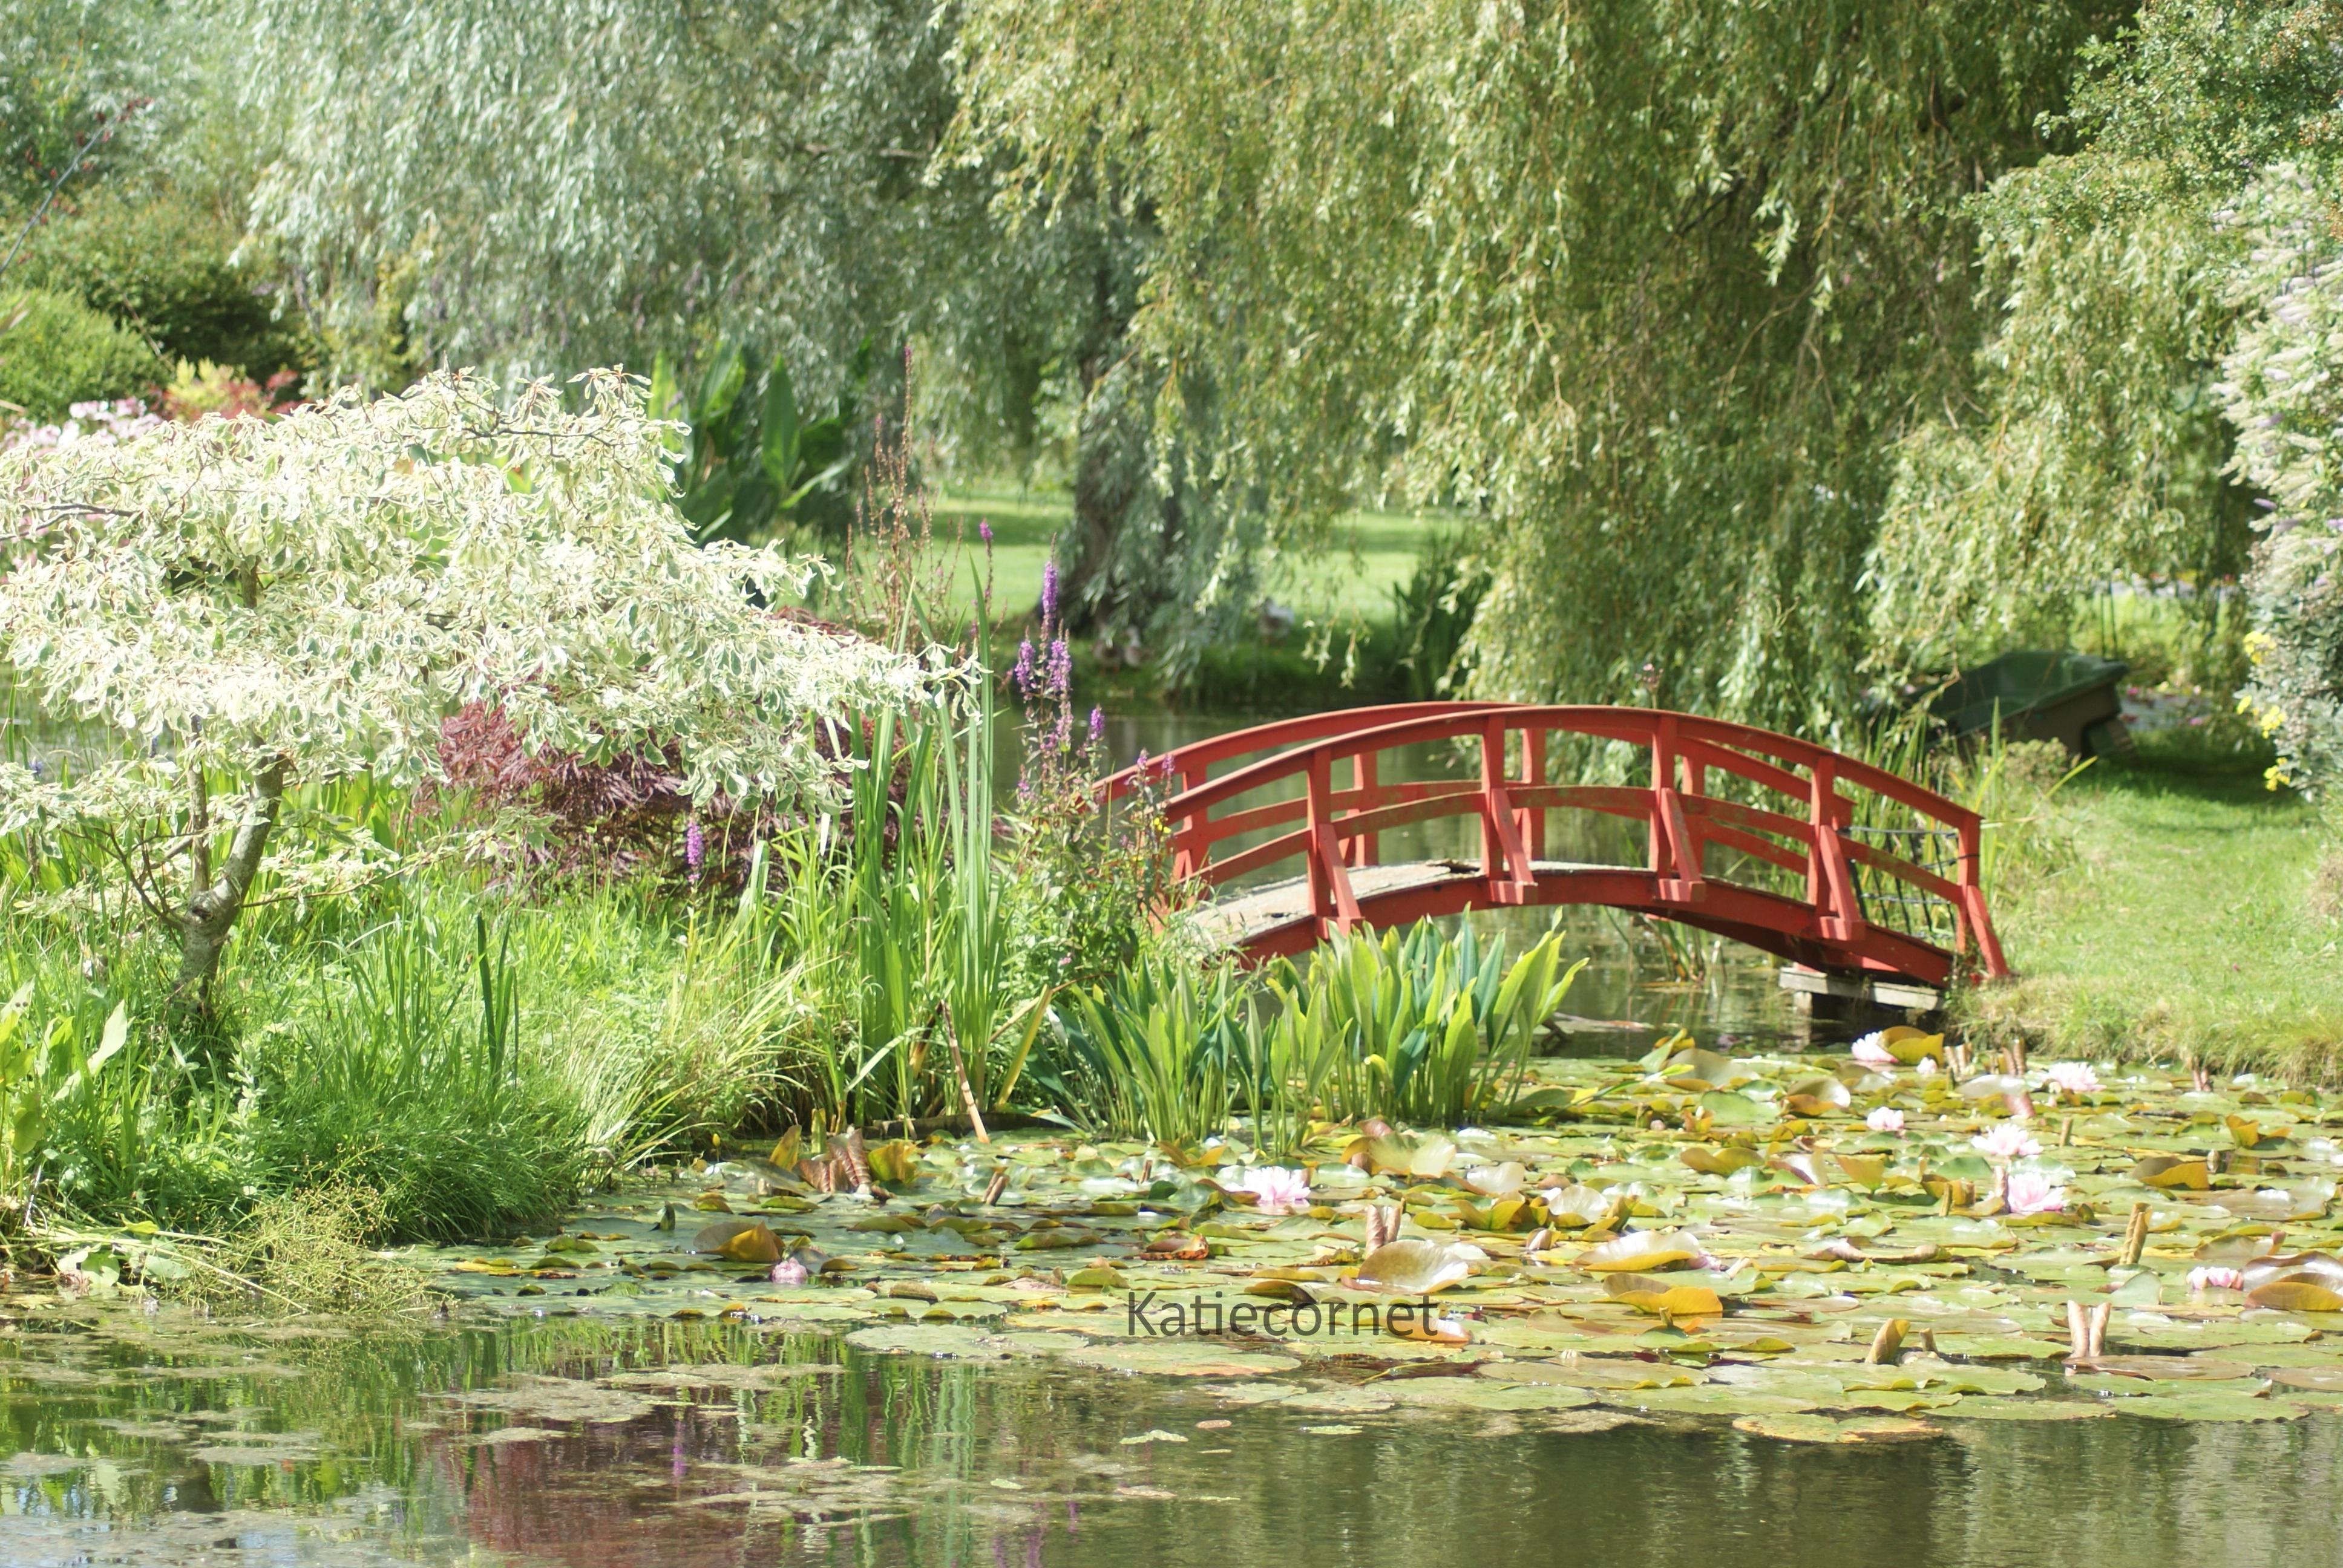 2,1.Watergardens in Dorset